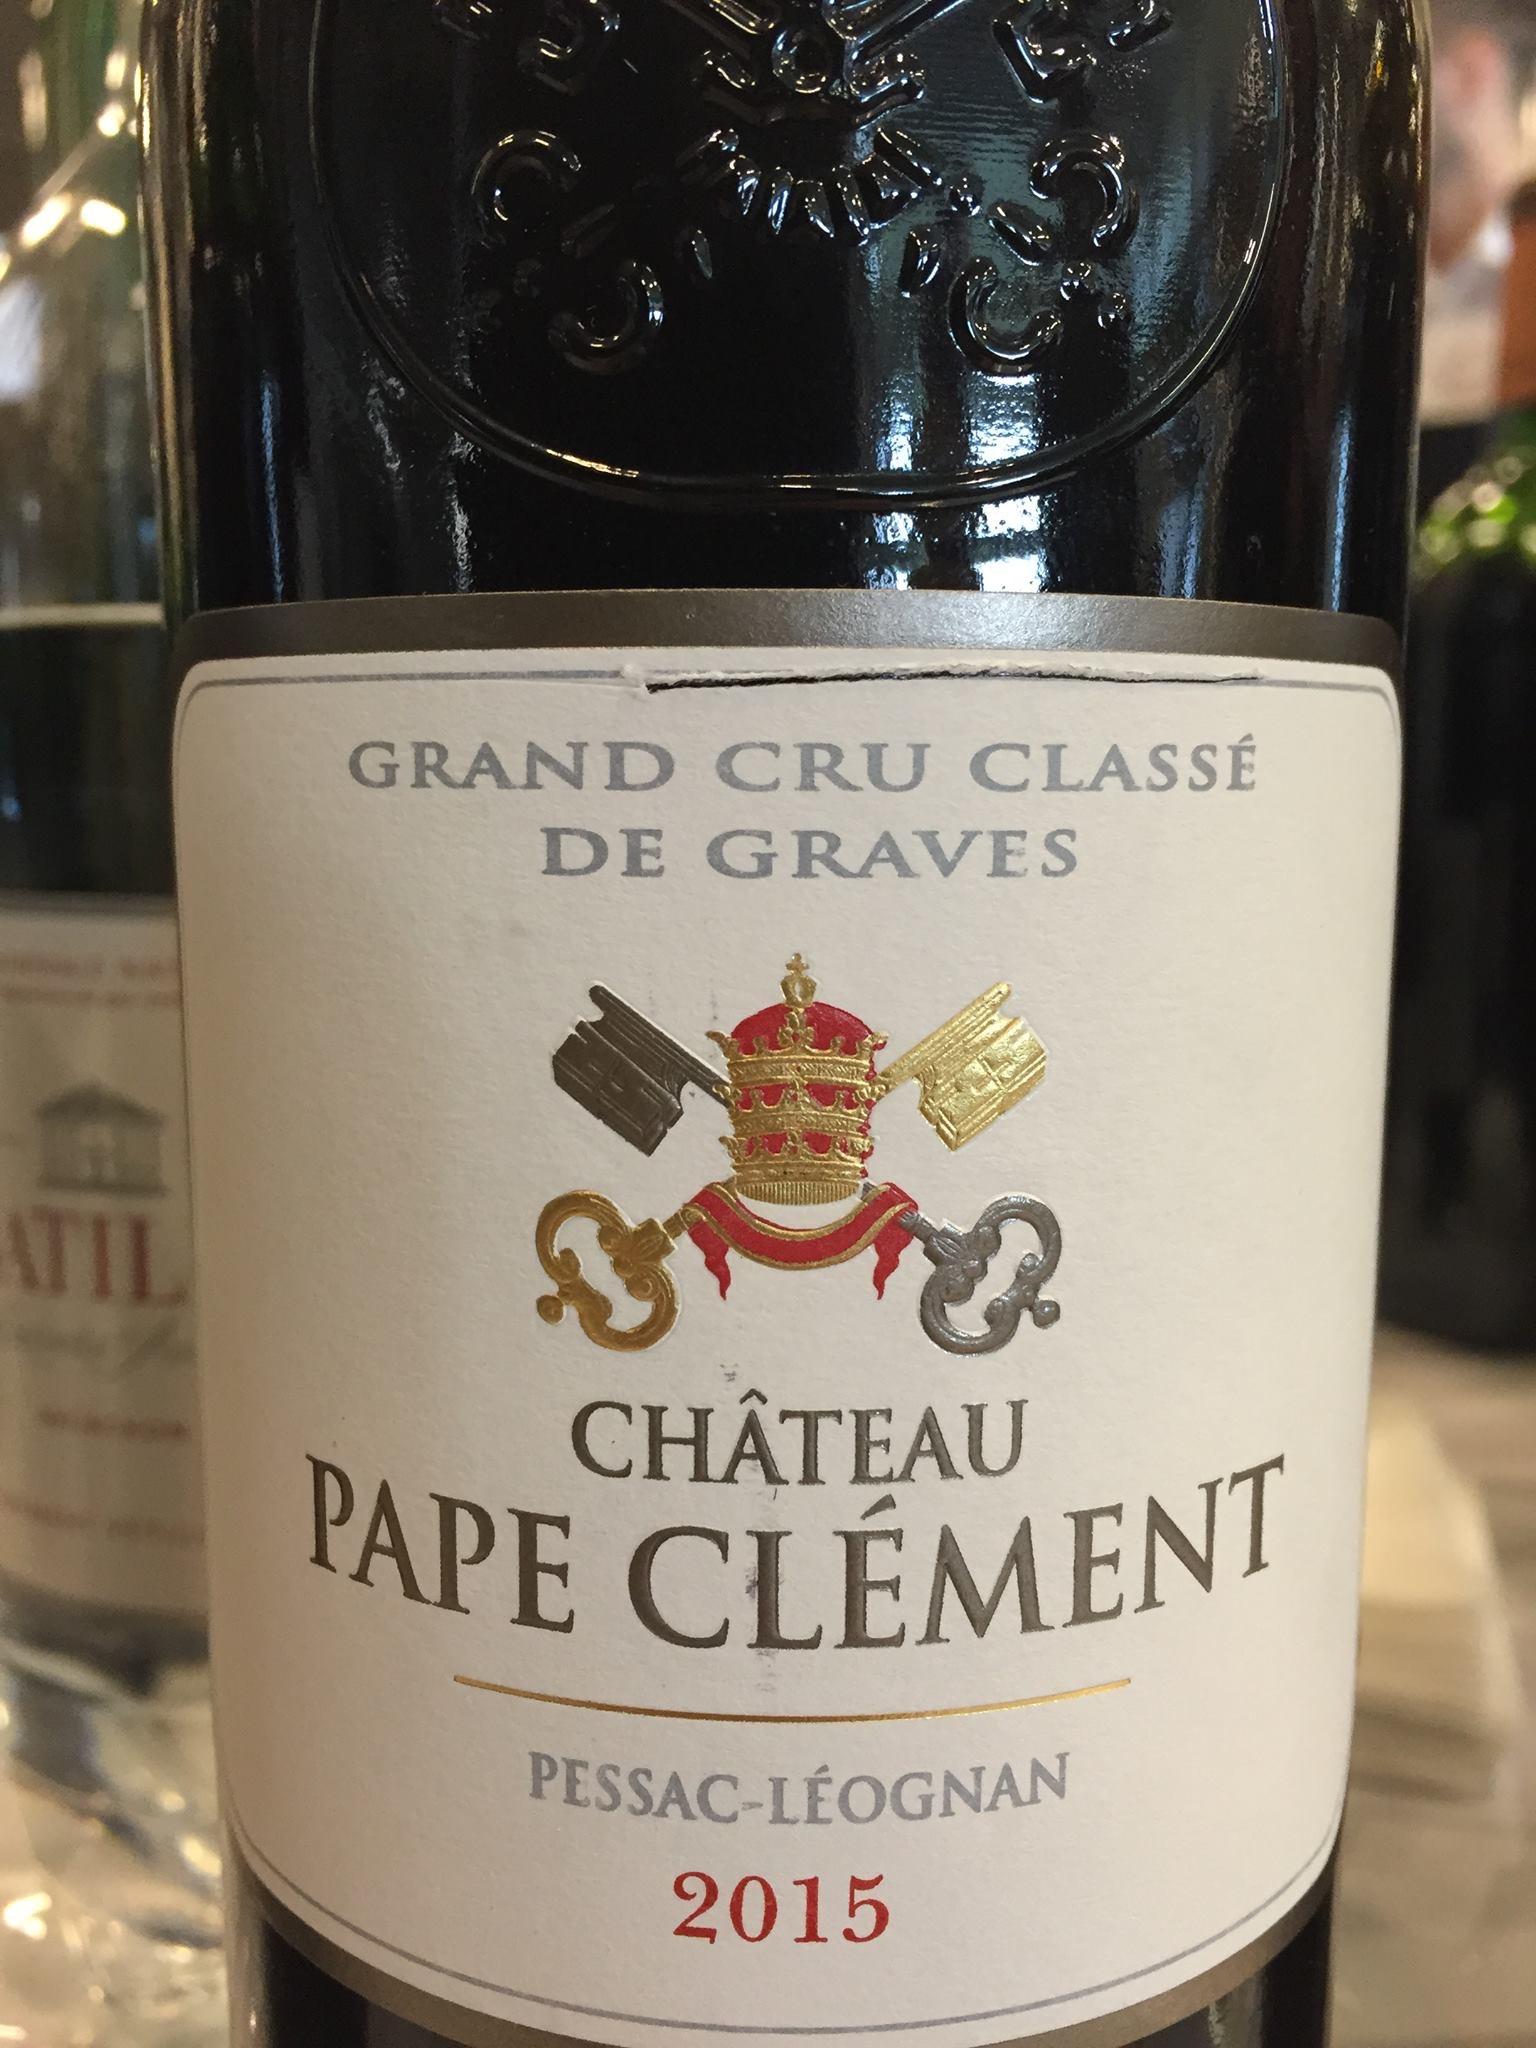 Château Pape Clément 2015 – Pessac-Léognan, Grand Cru Classé de Graves